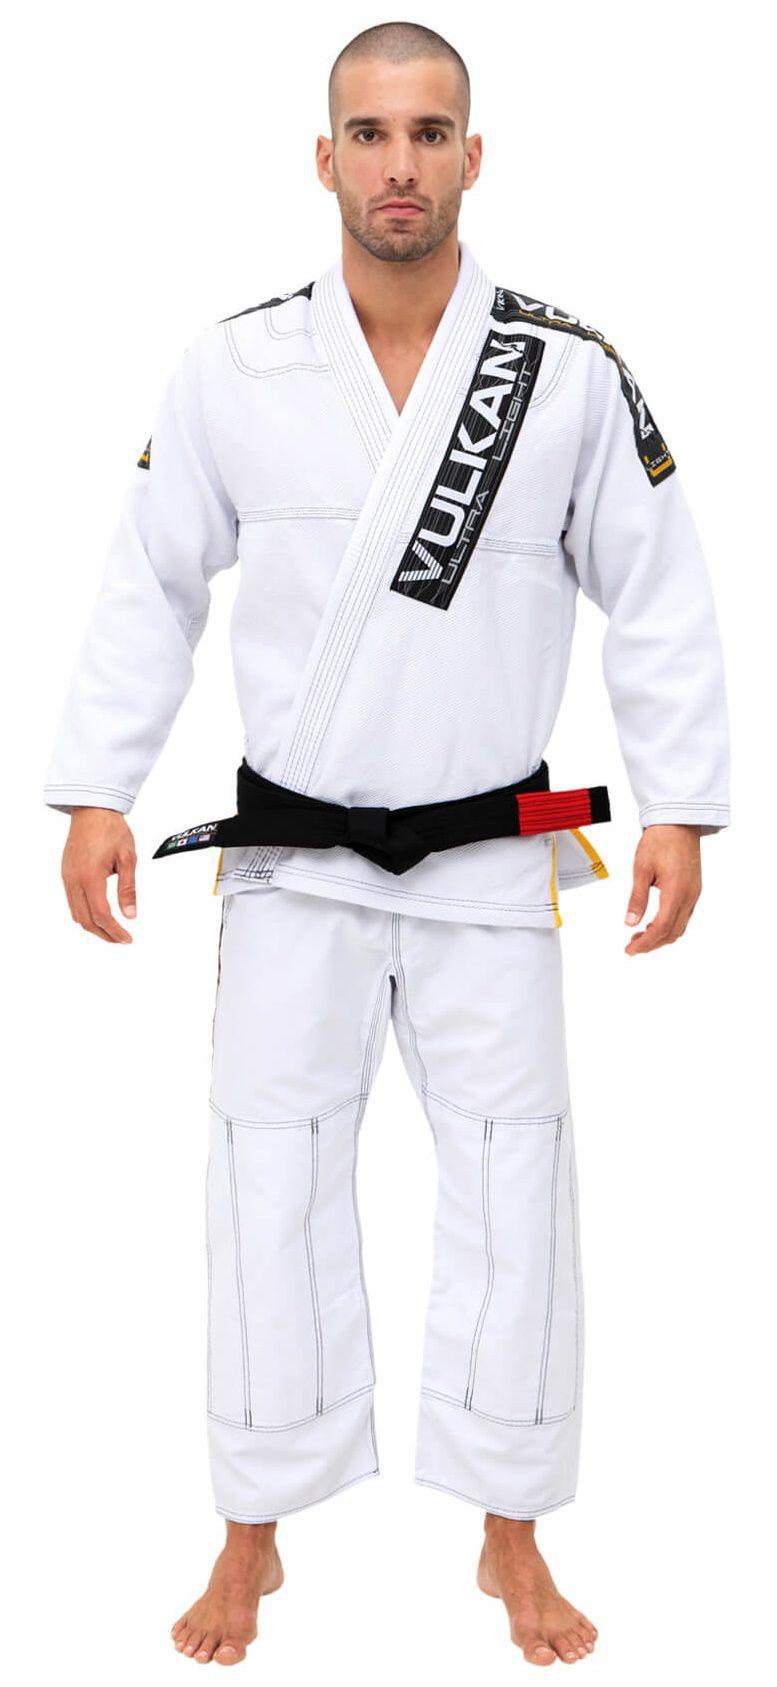 Kimono Vulkan Para Jiu-jitsu Profissional Adulto Masculino - ULTRA HD BRANCO